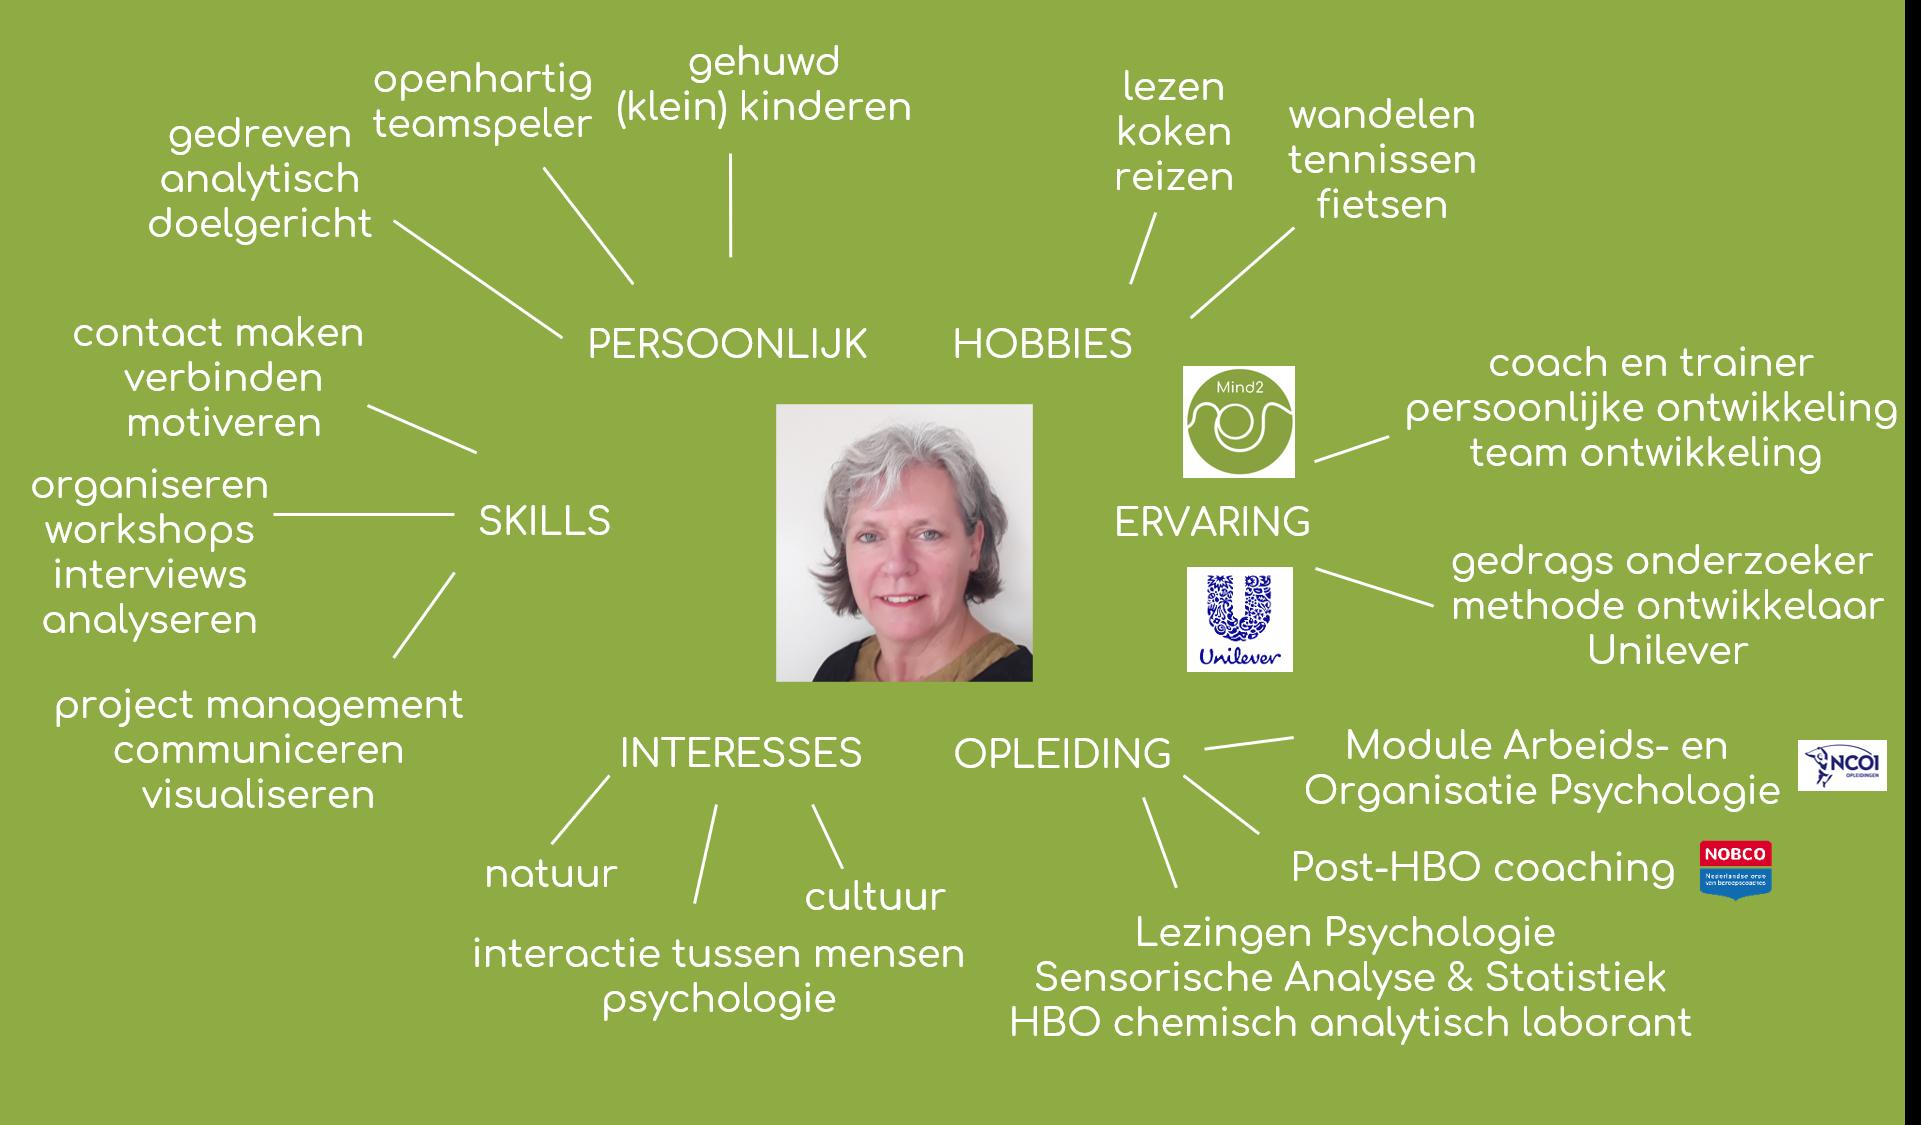 persoonlijke eigenschappen en kennis en opleiding